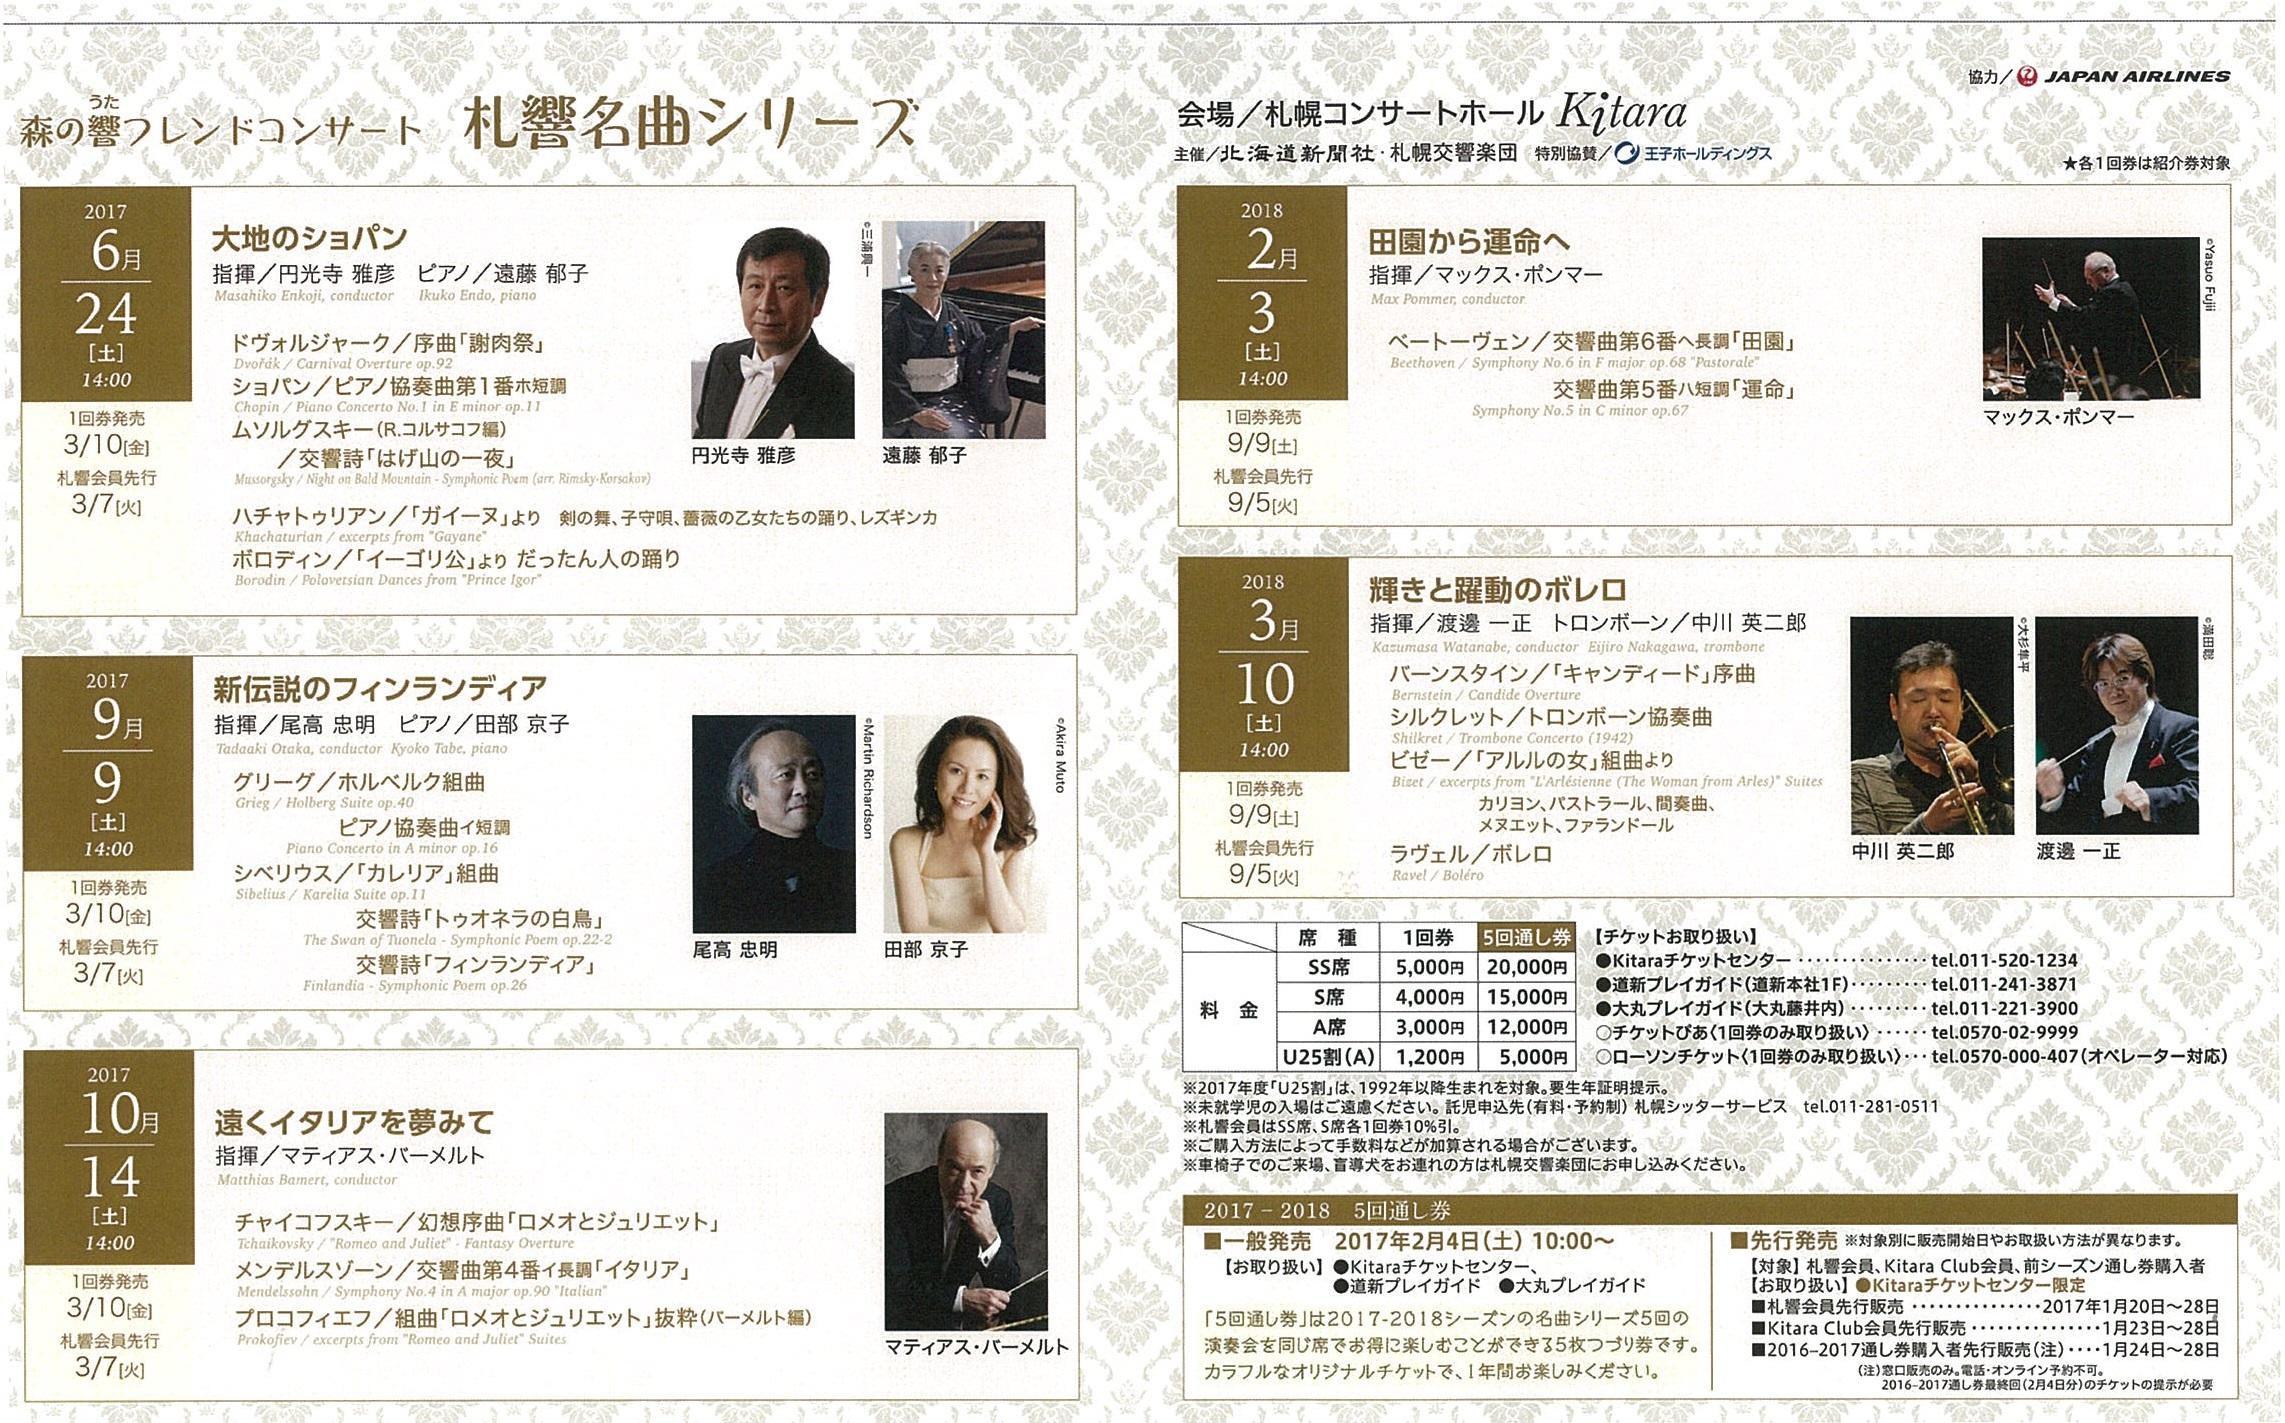 2017-2018シーズン 札響名曲シリーズ 5回通し券発売へ(2/4 10:00~)